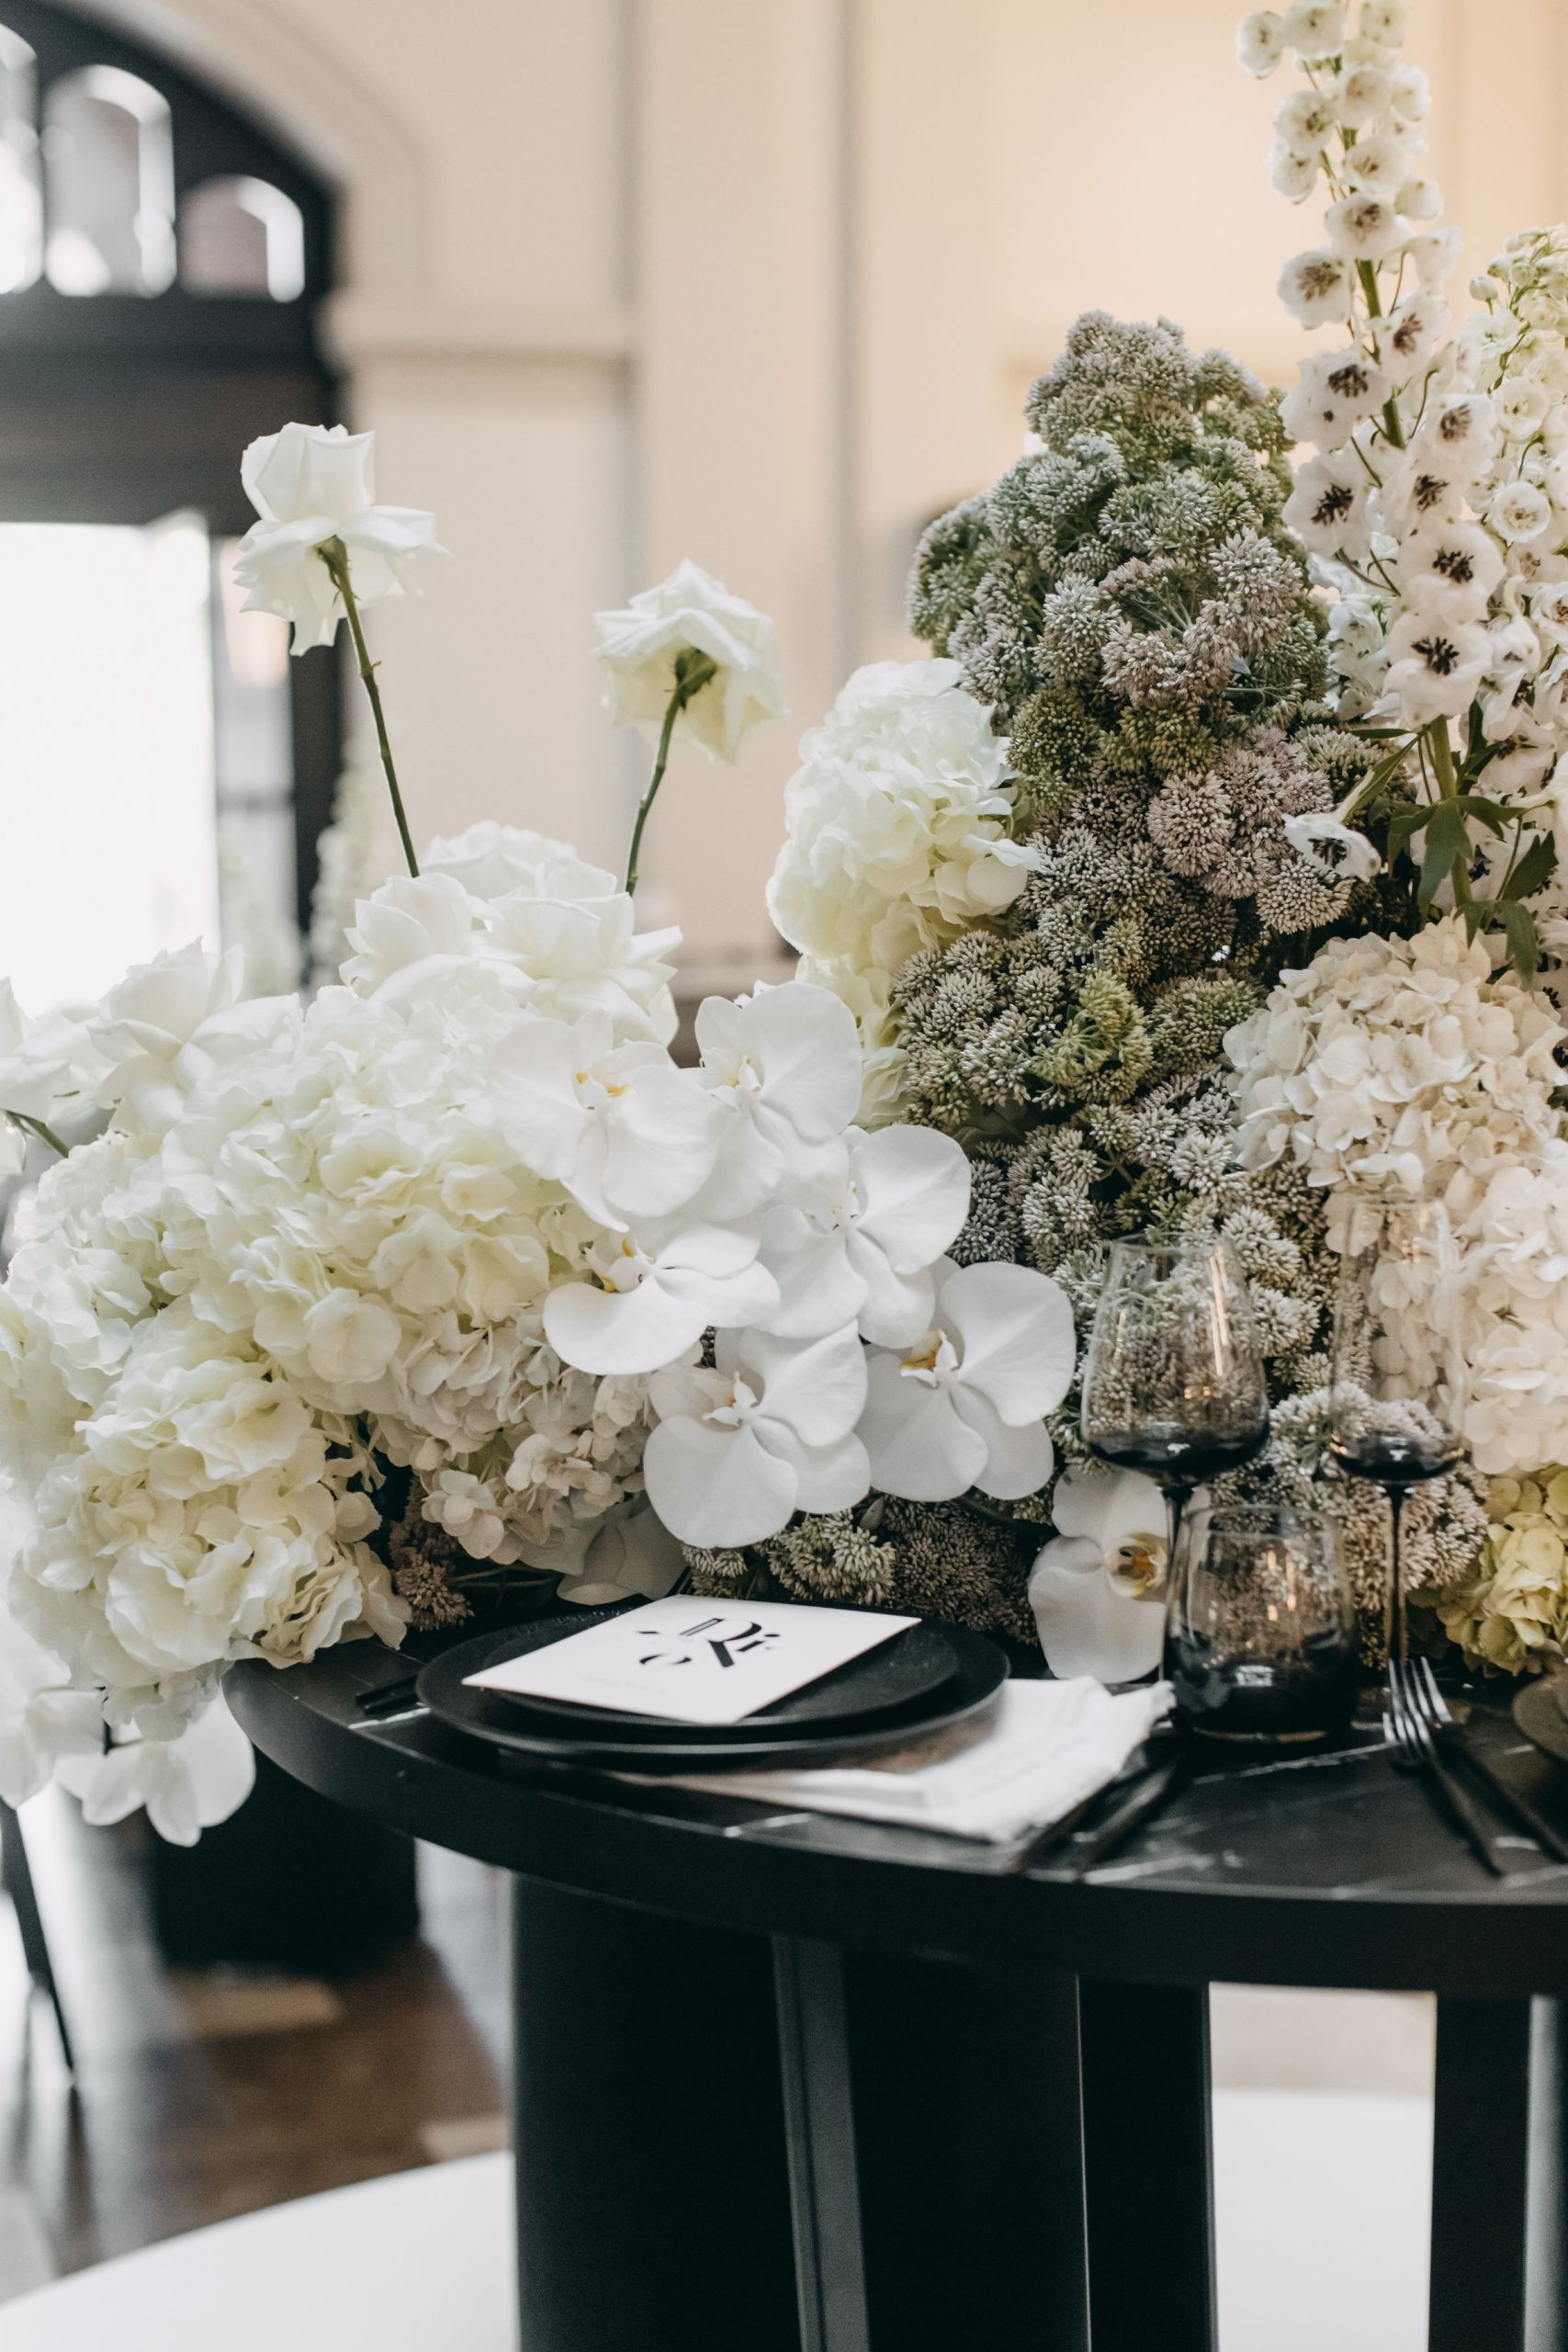 65-WEDDINGOPENDAY-THESTATEBUILDINGS-21FEB2021